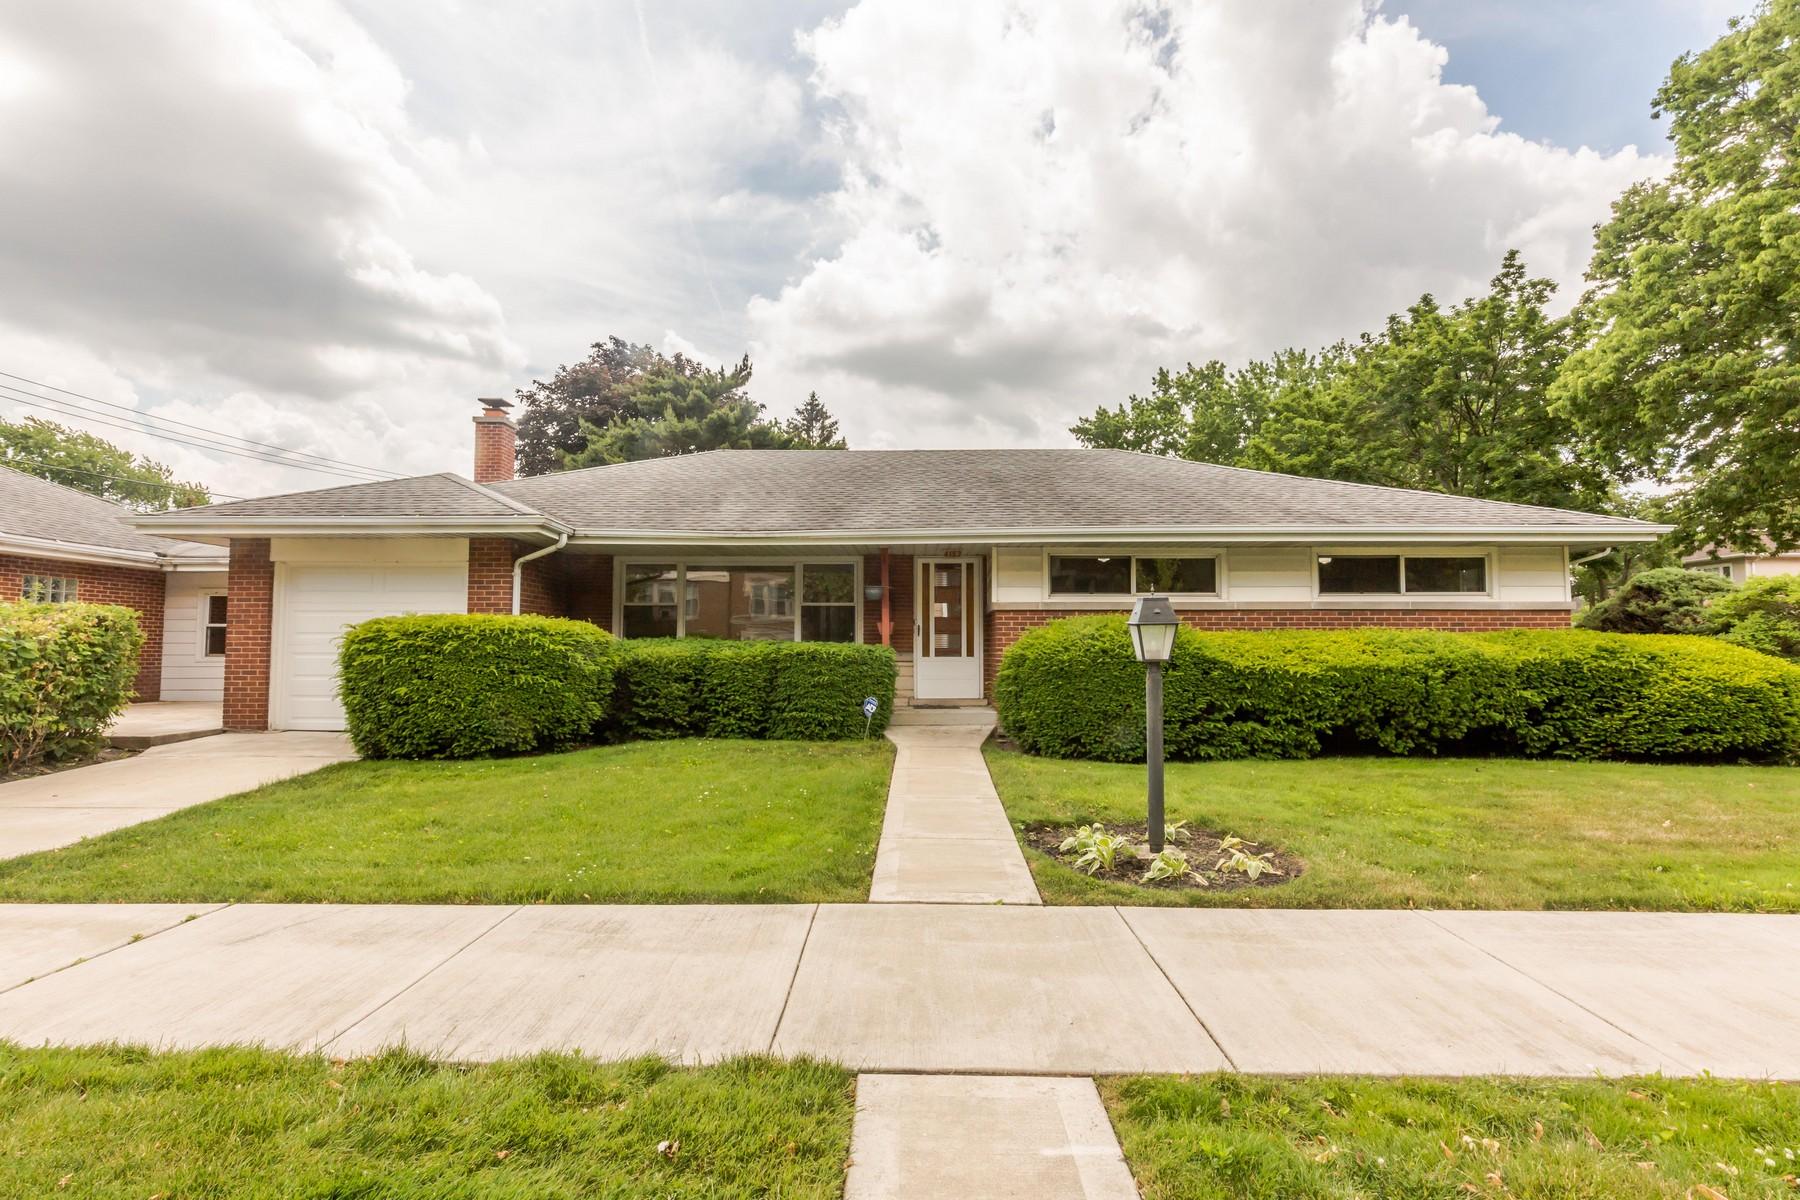 Casa Unifamiliar por un Venta en Updated Skokie Ranch Home 4153 Kirk Street Skokie, Illinois, 60076 Estados Unidos